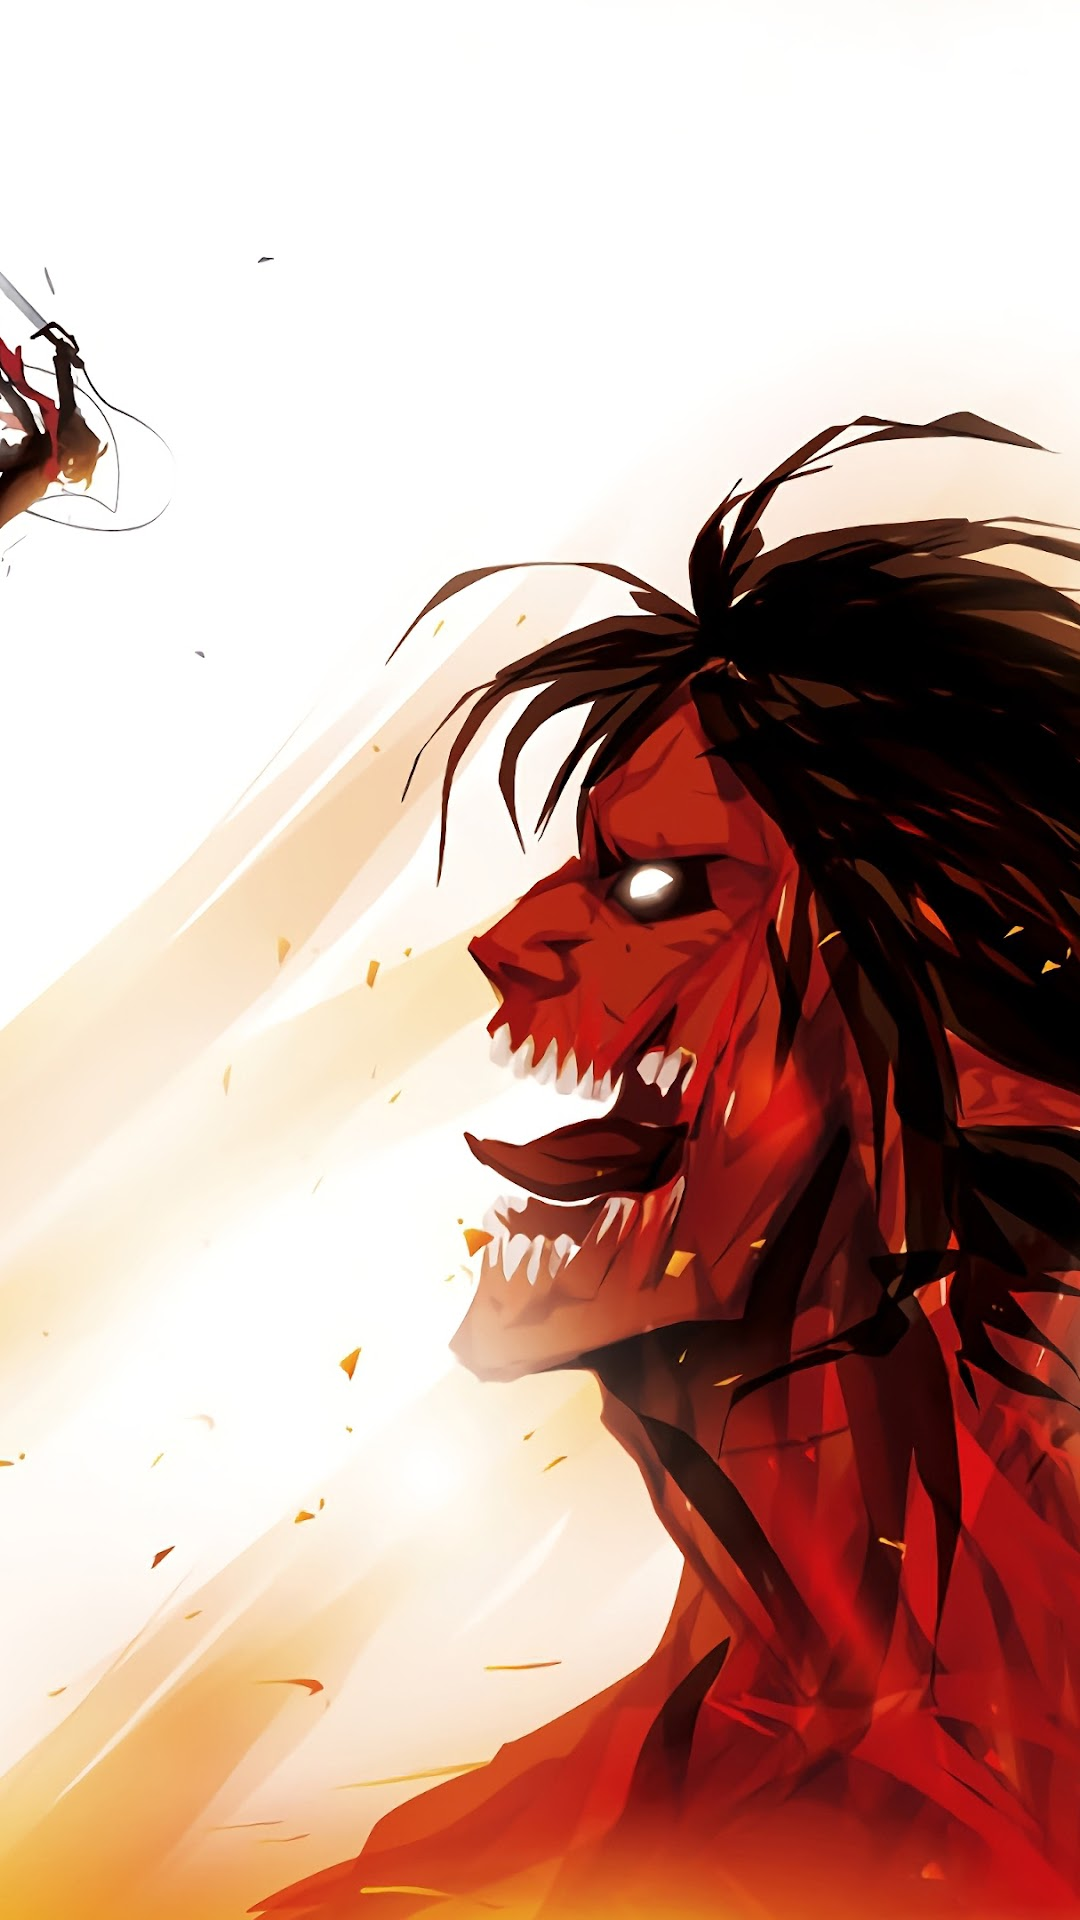 Mikasa Attack Titan Attack On Titan 4k Wallpaper 157